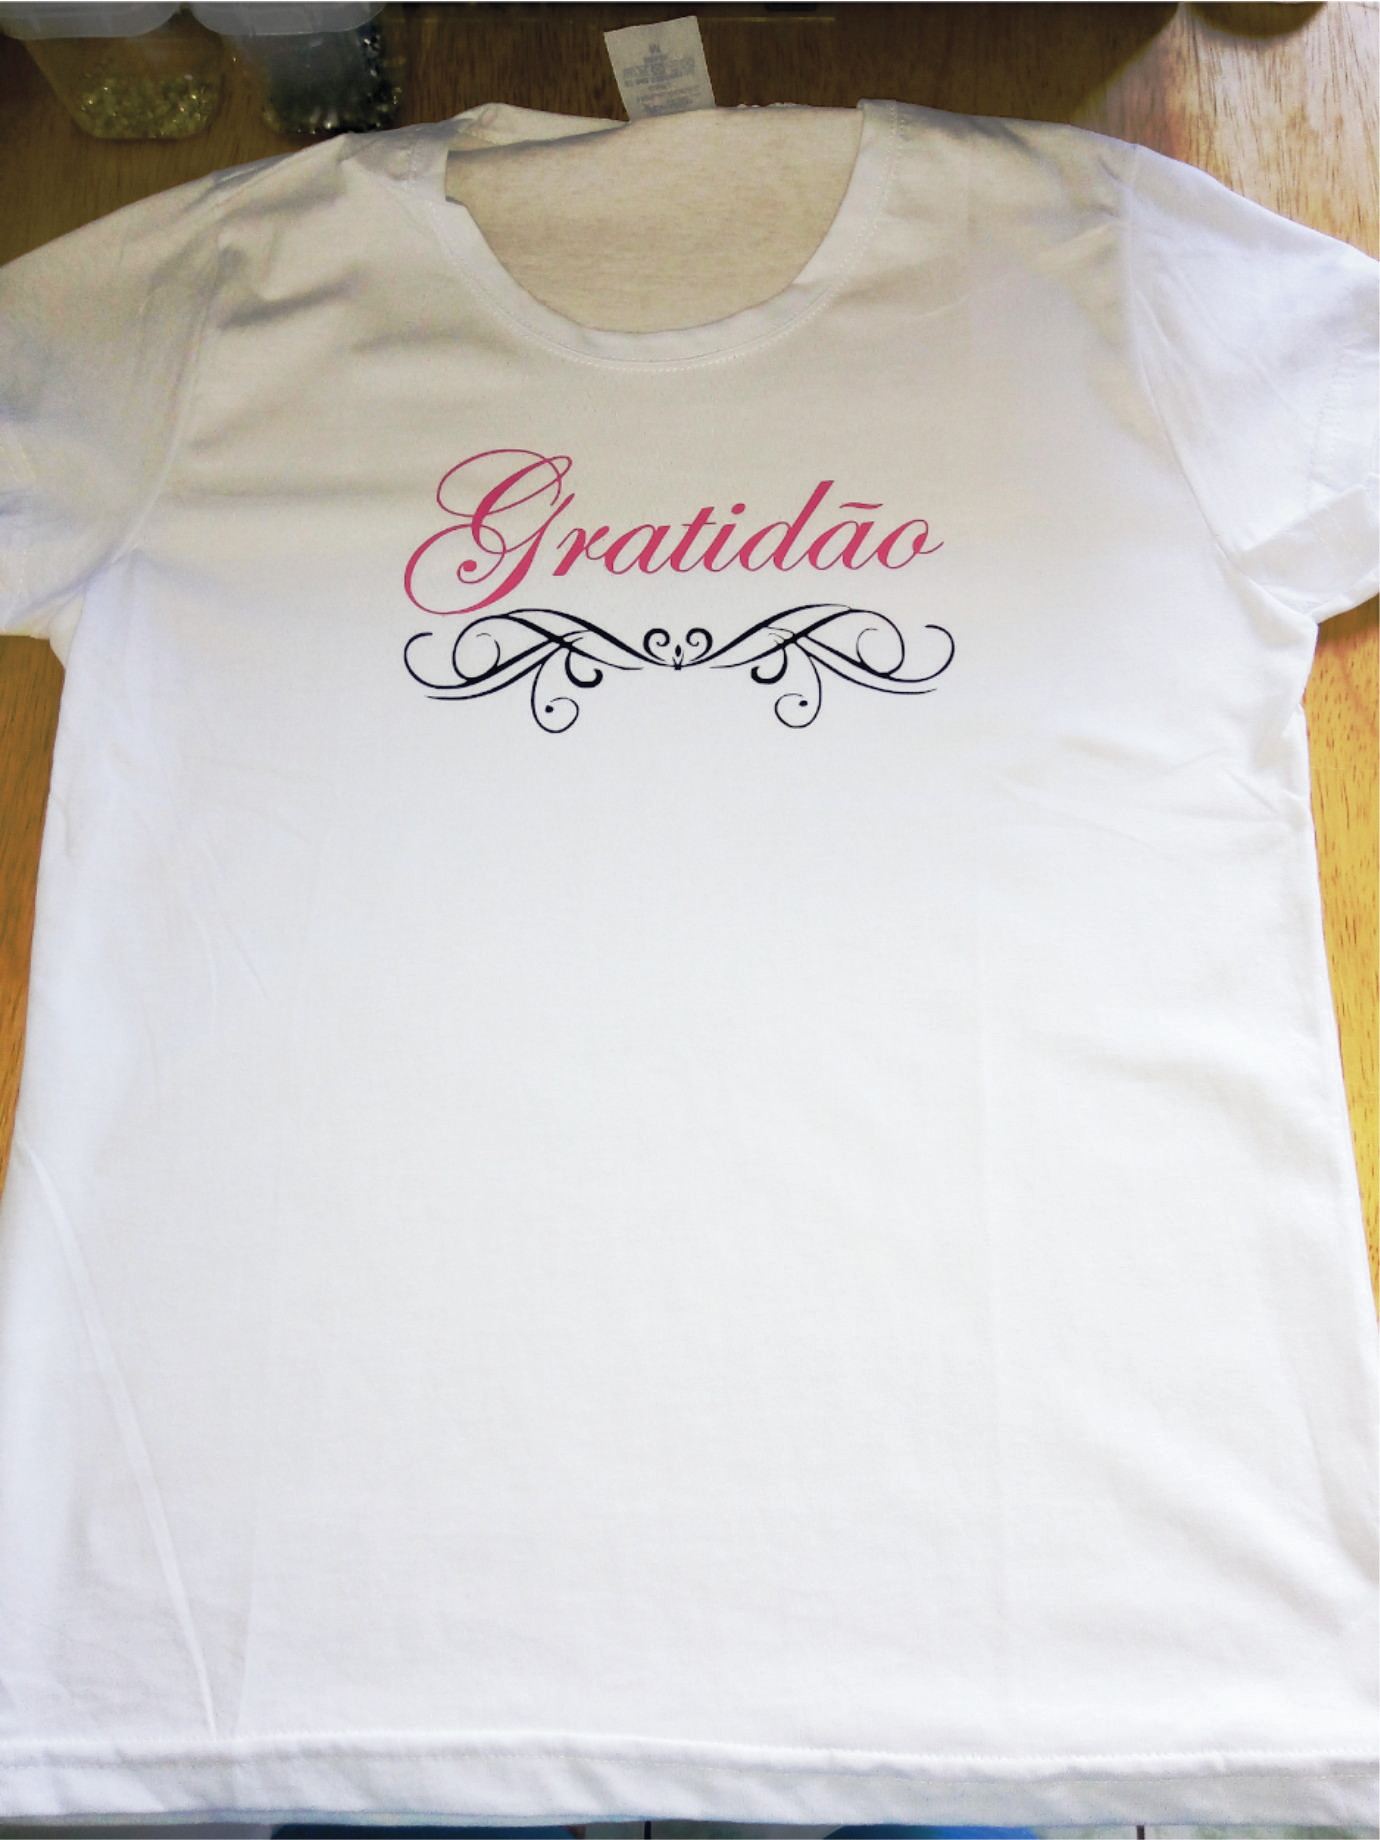 c040ef378 Camiseta feminina gratidão frases moda no Elo7